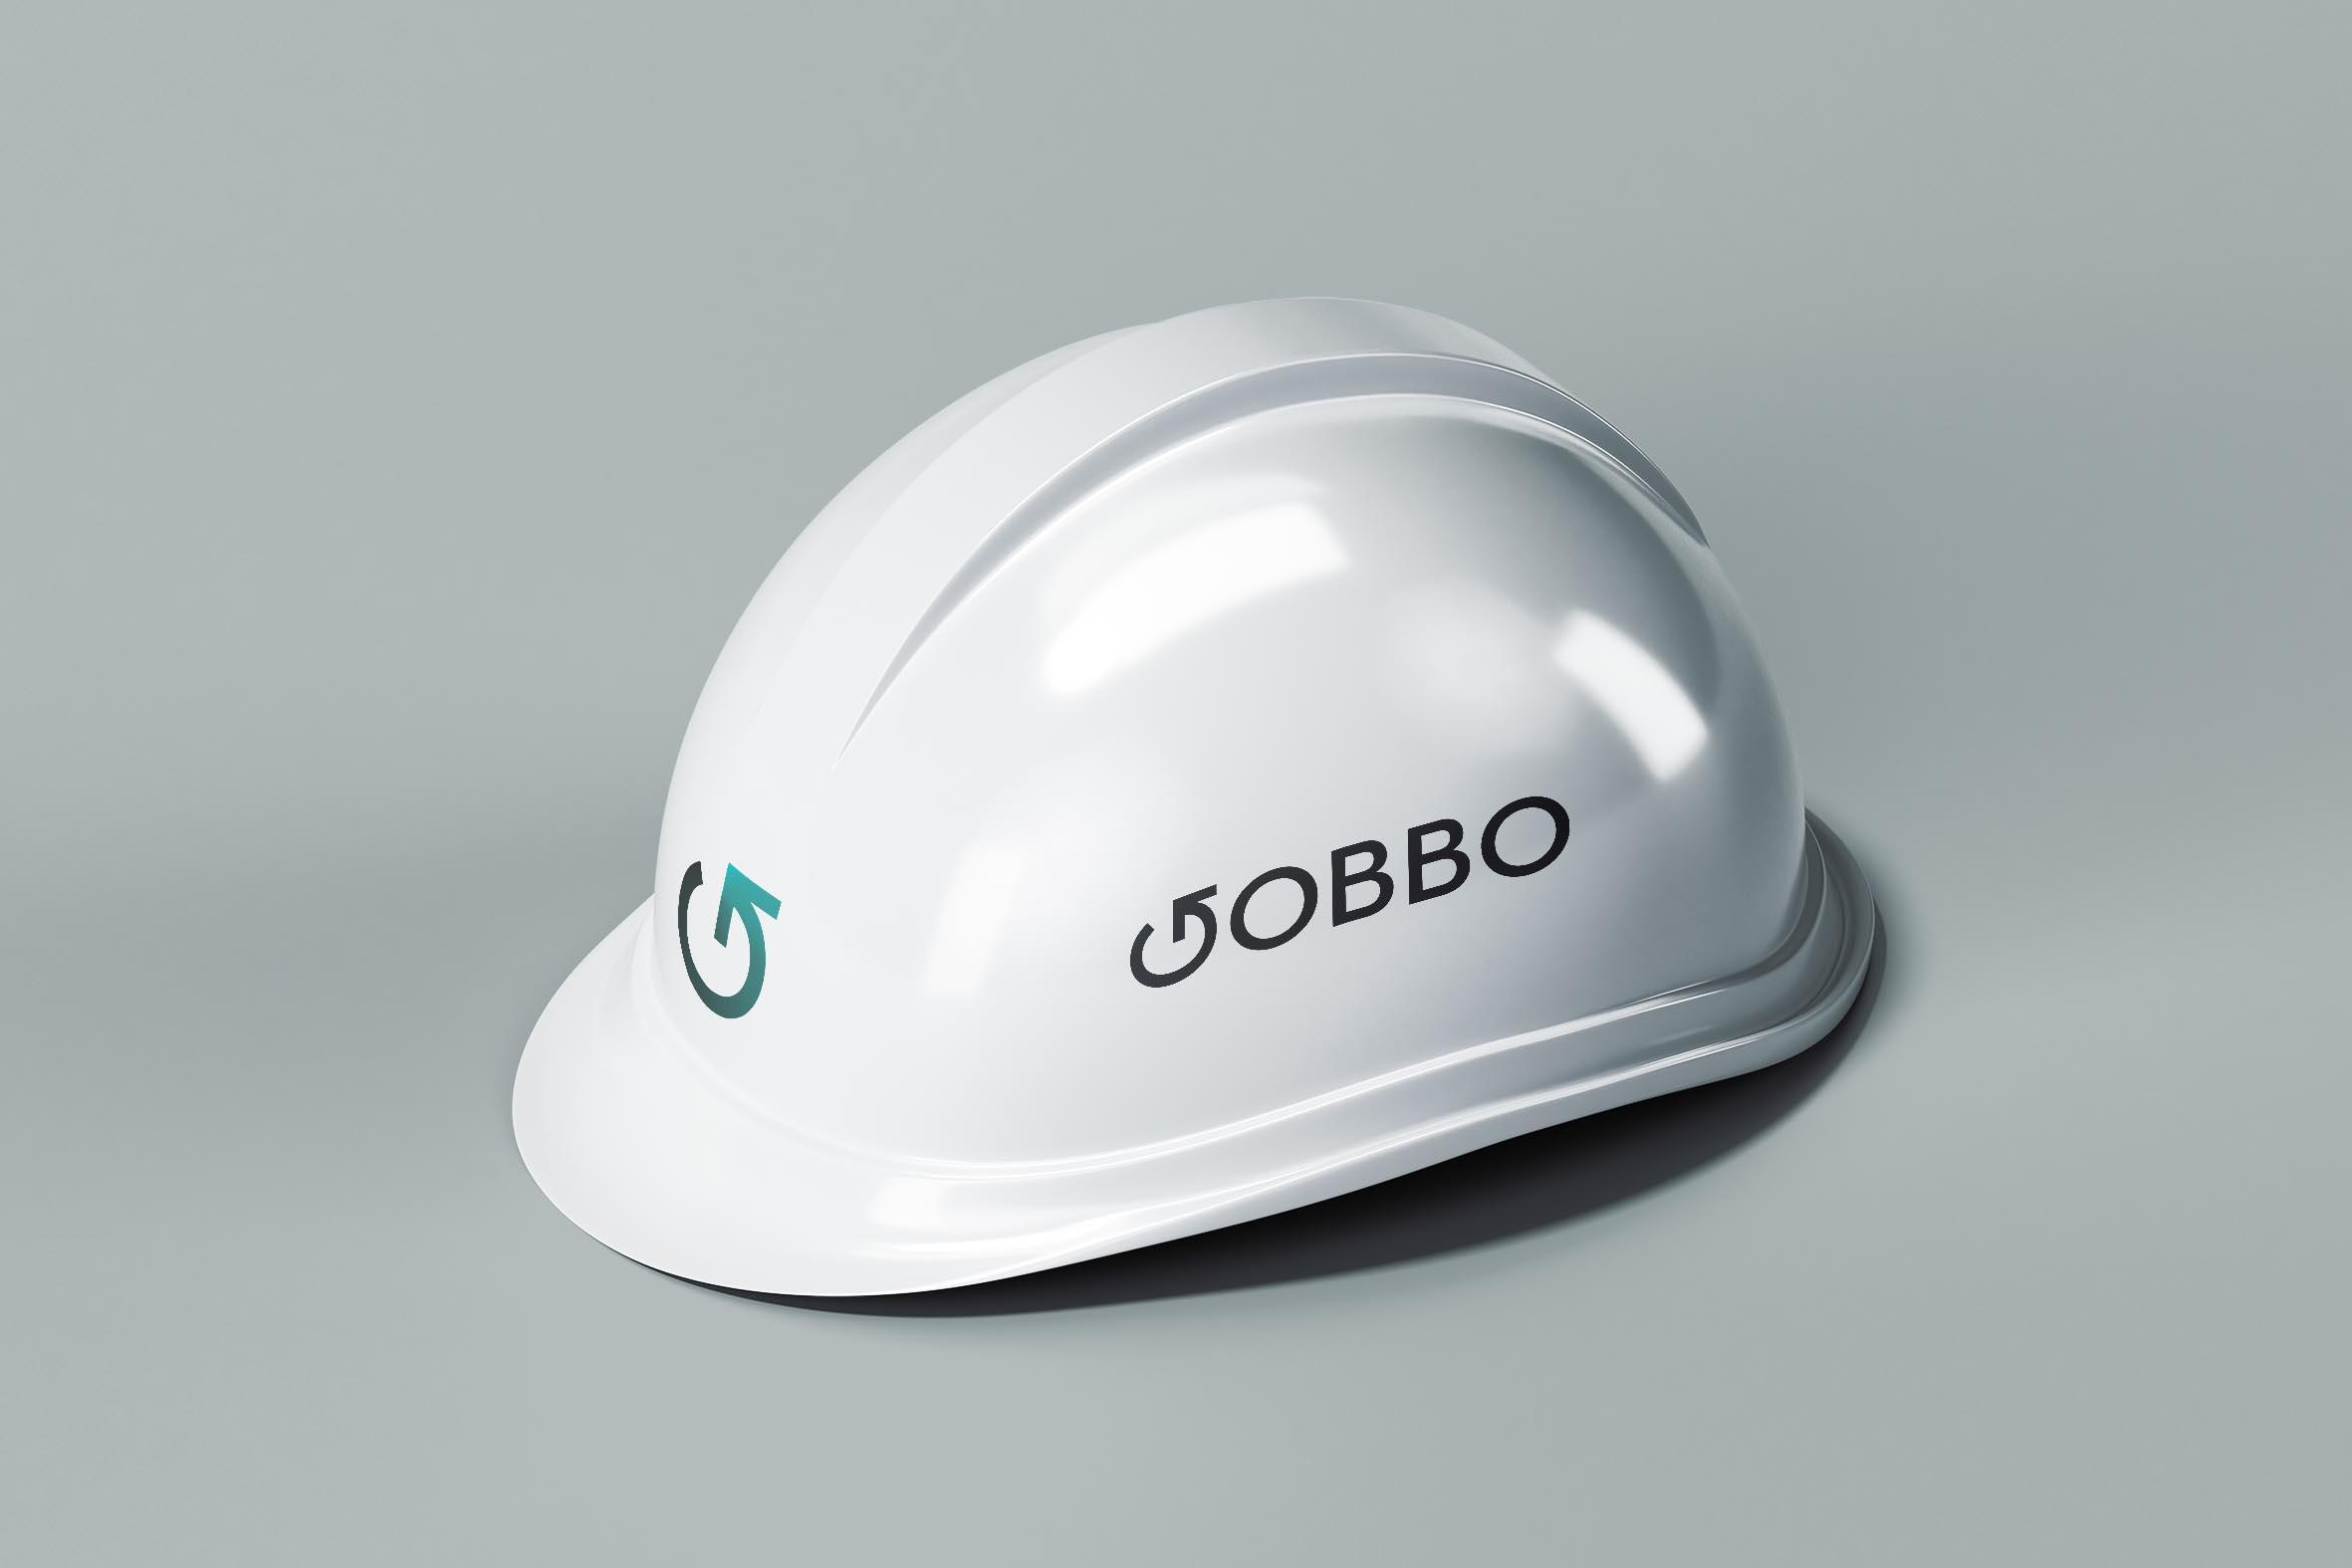 Gobbo-helmet-Daniel-Cavalcanti